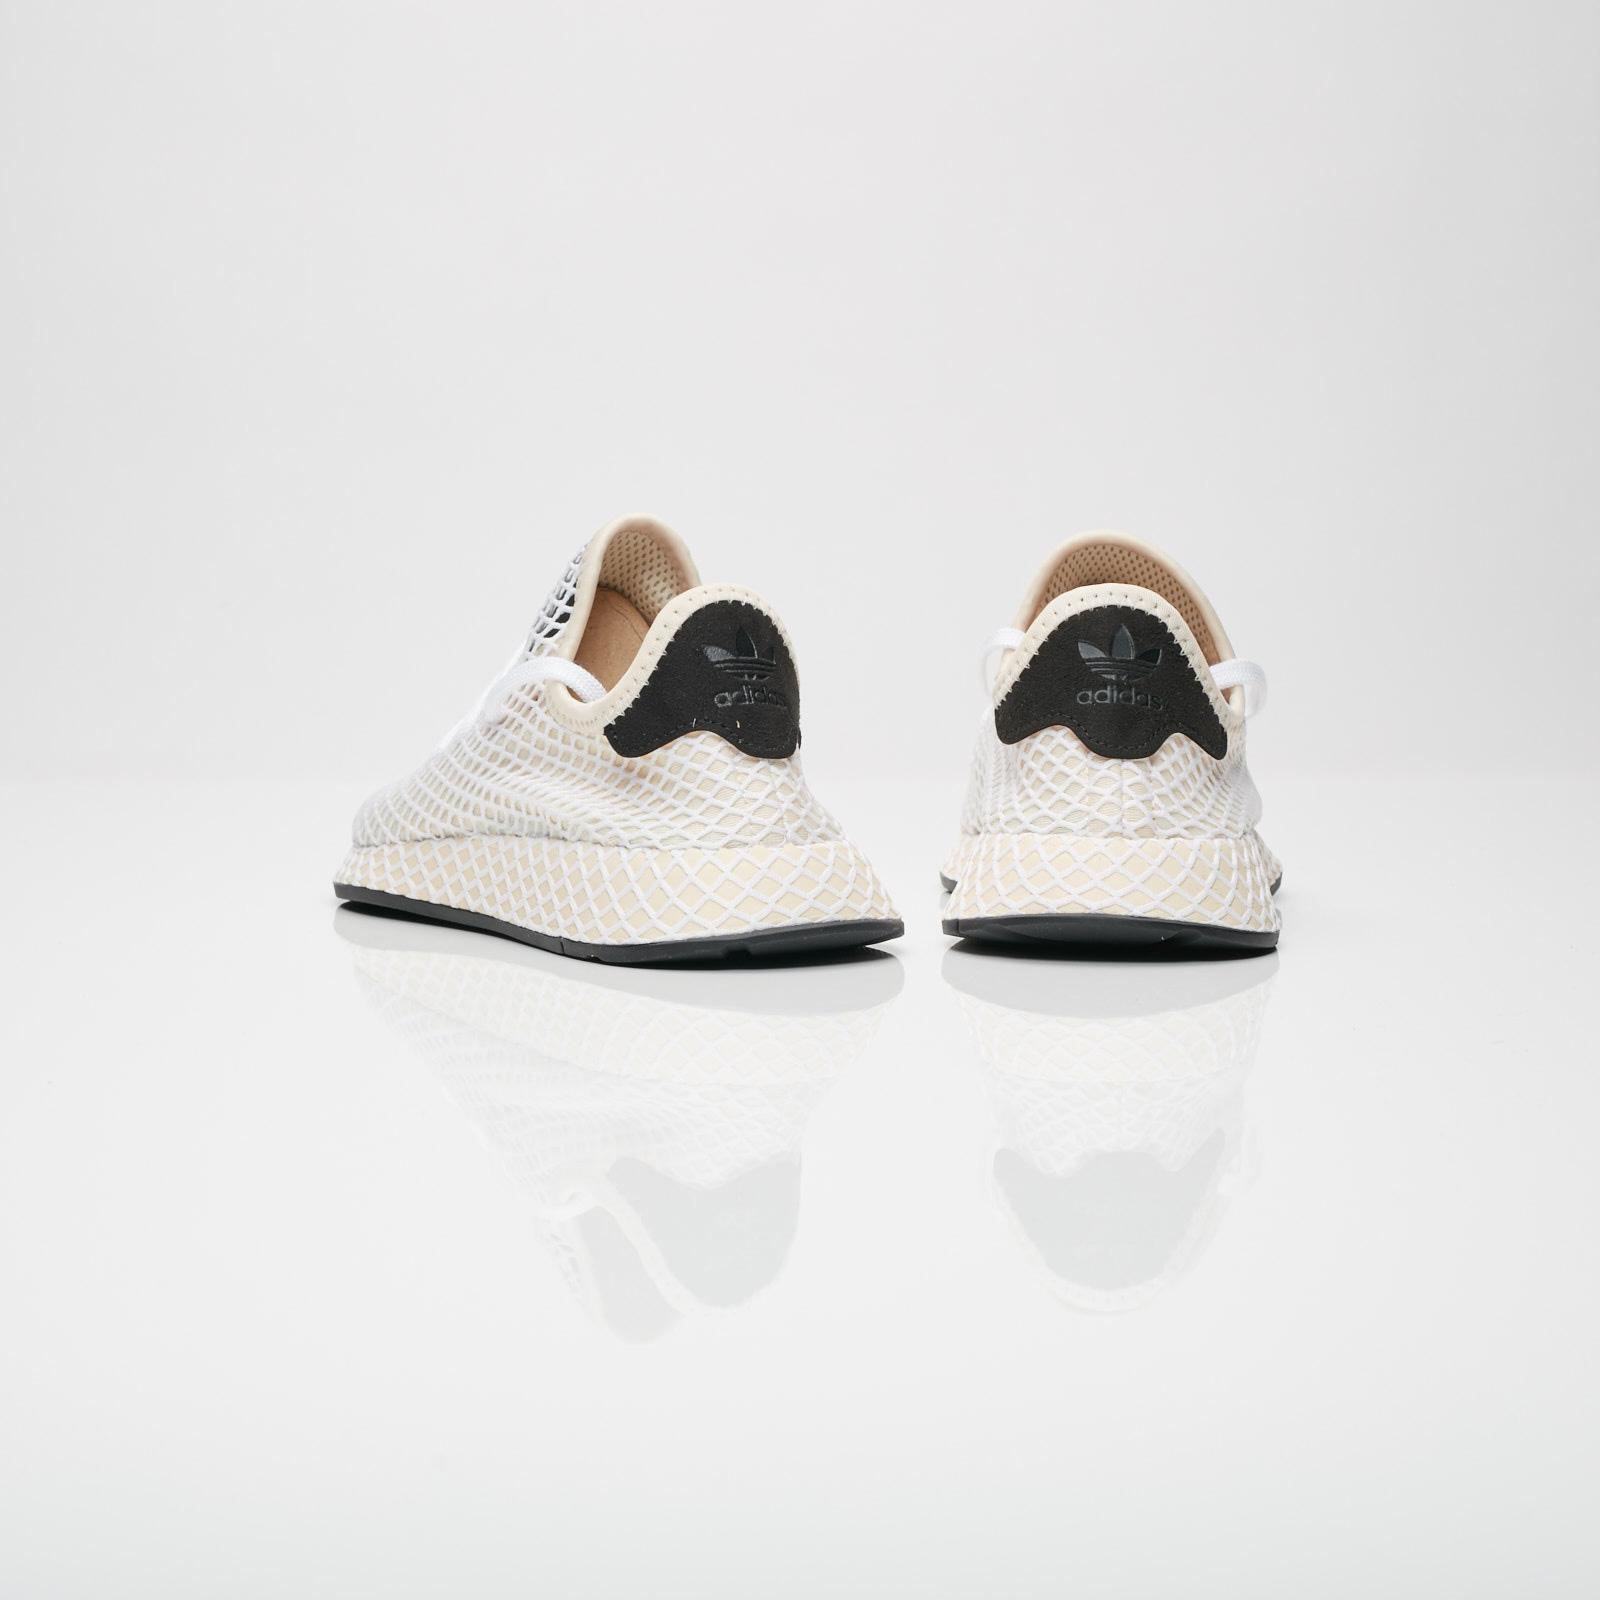 872e2d7cb adidas Deerupt Runner W - Cq2913 - Sneakersnstuff